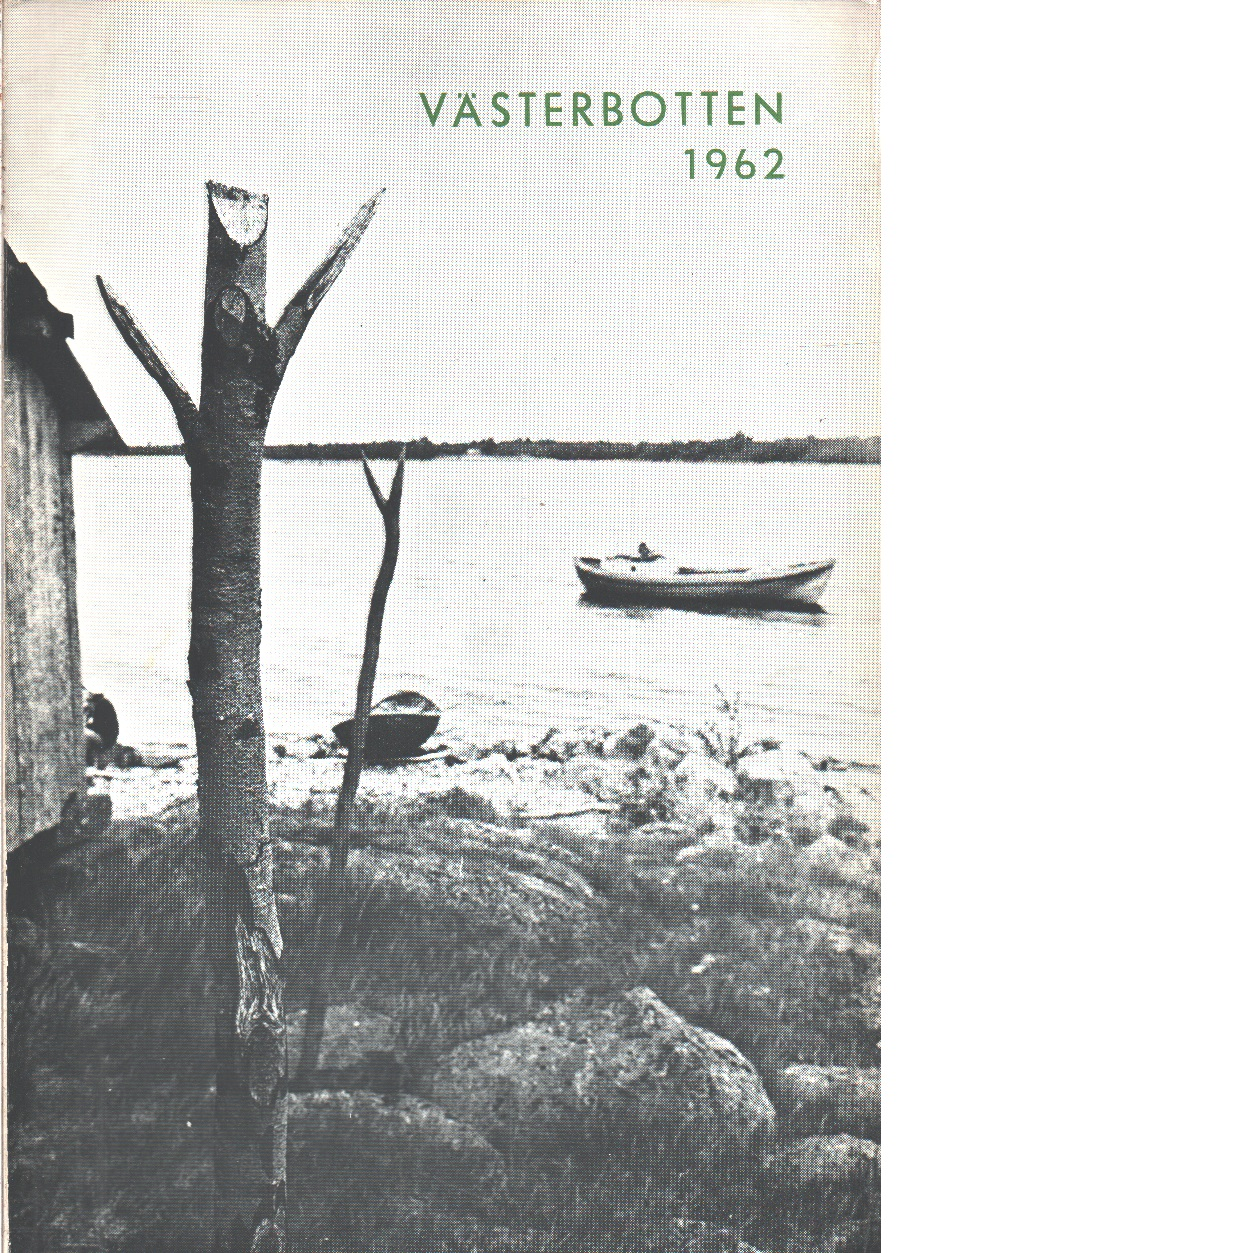 Västerbotten 1962 : Västerbottens läns hembygdsförenings årsbok - Red.